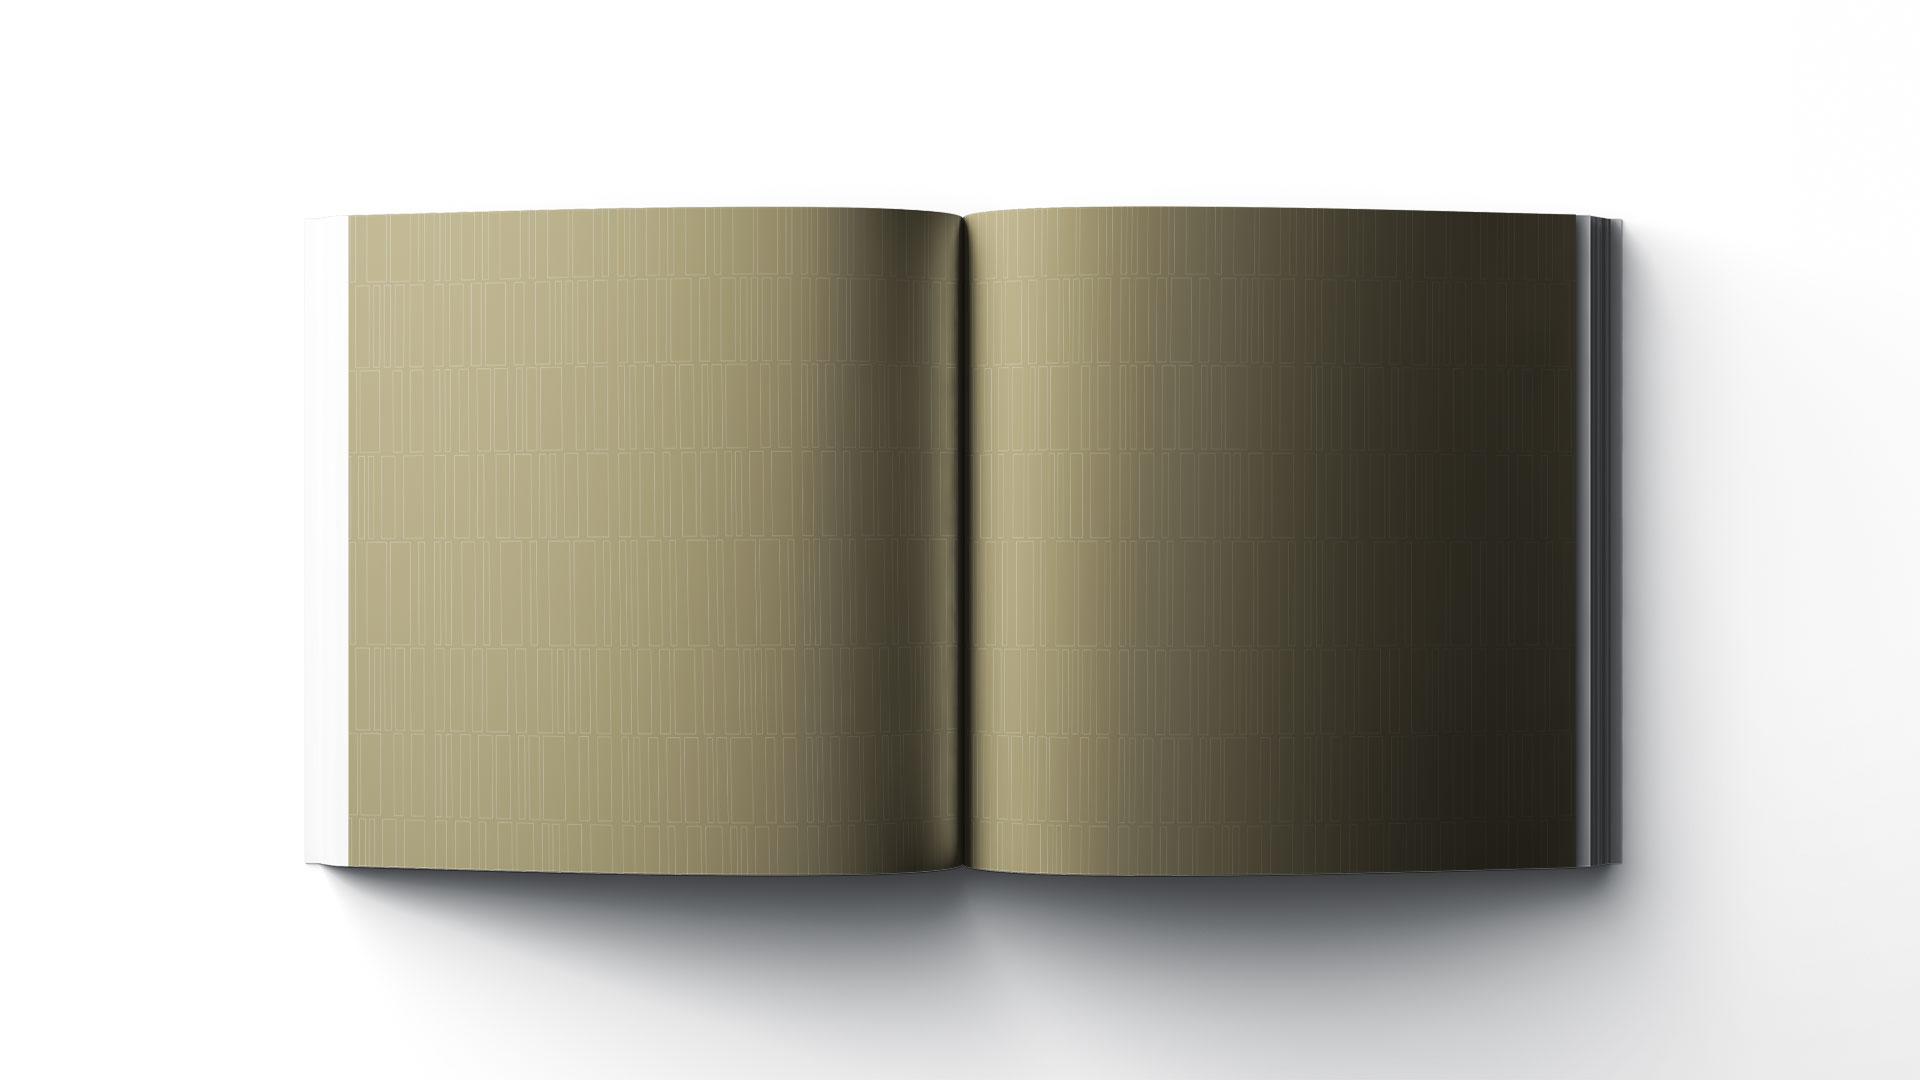 Deuren-Art-of-Door-Book-Spread-1